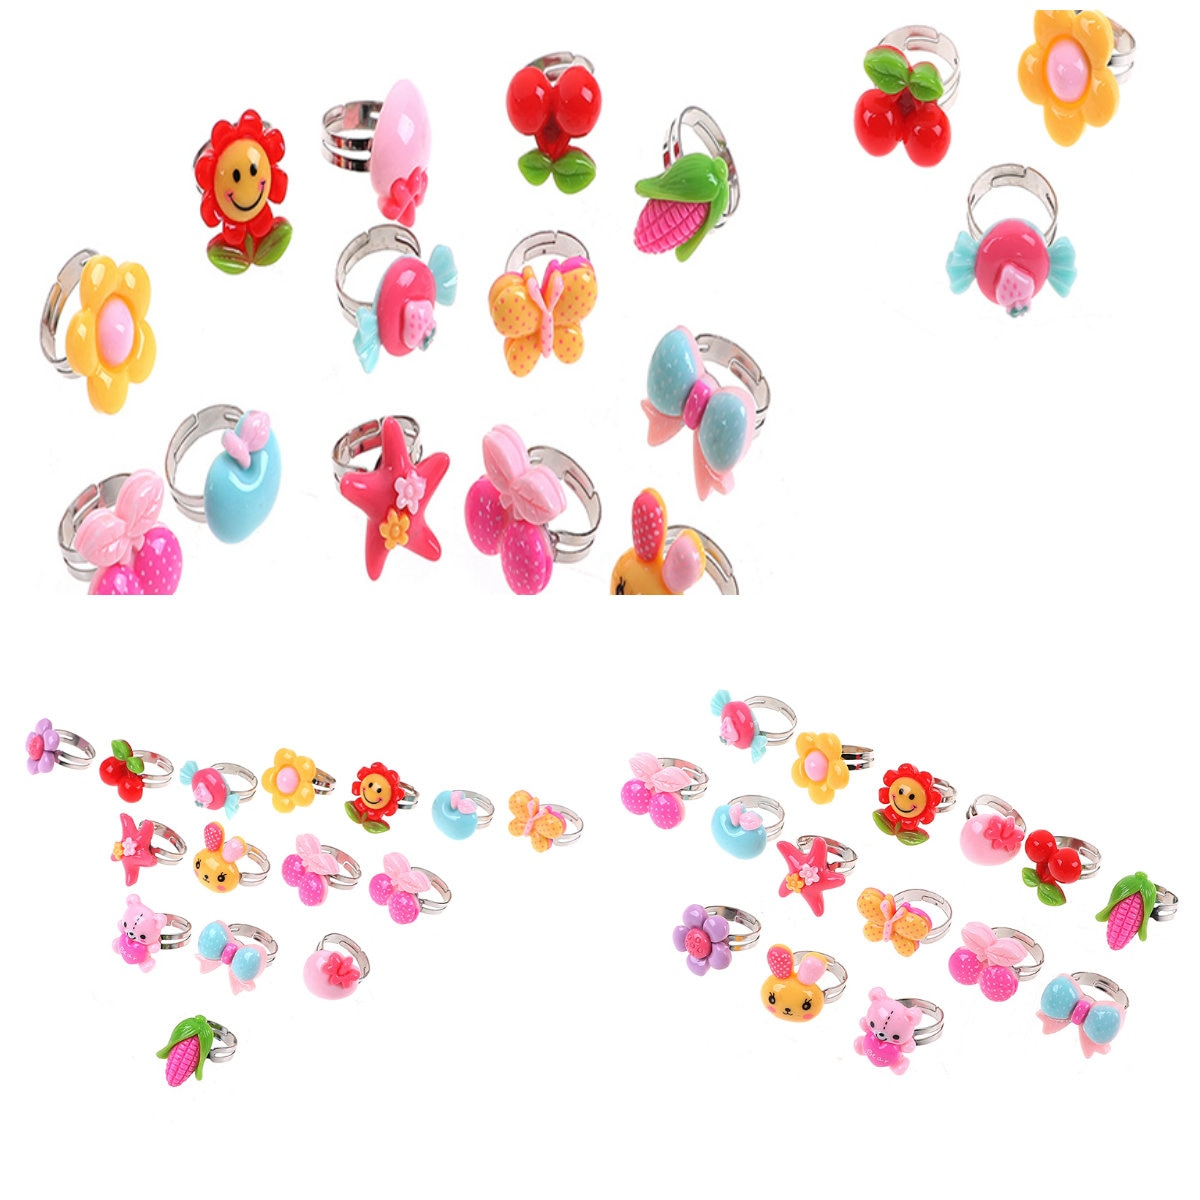 10 pièces/lot anneaux de bande dessinée réglables pour les filles habiller fête faveurs enfants jouet aléatoire